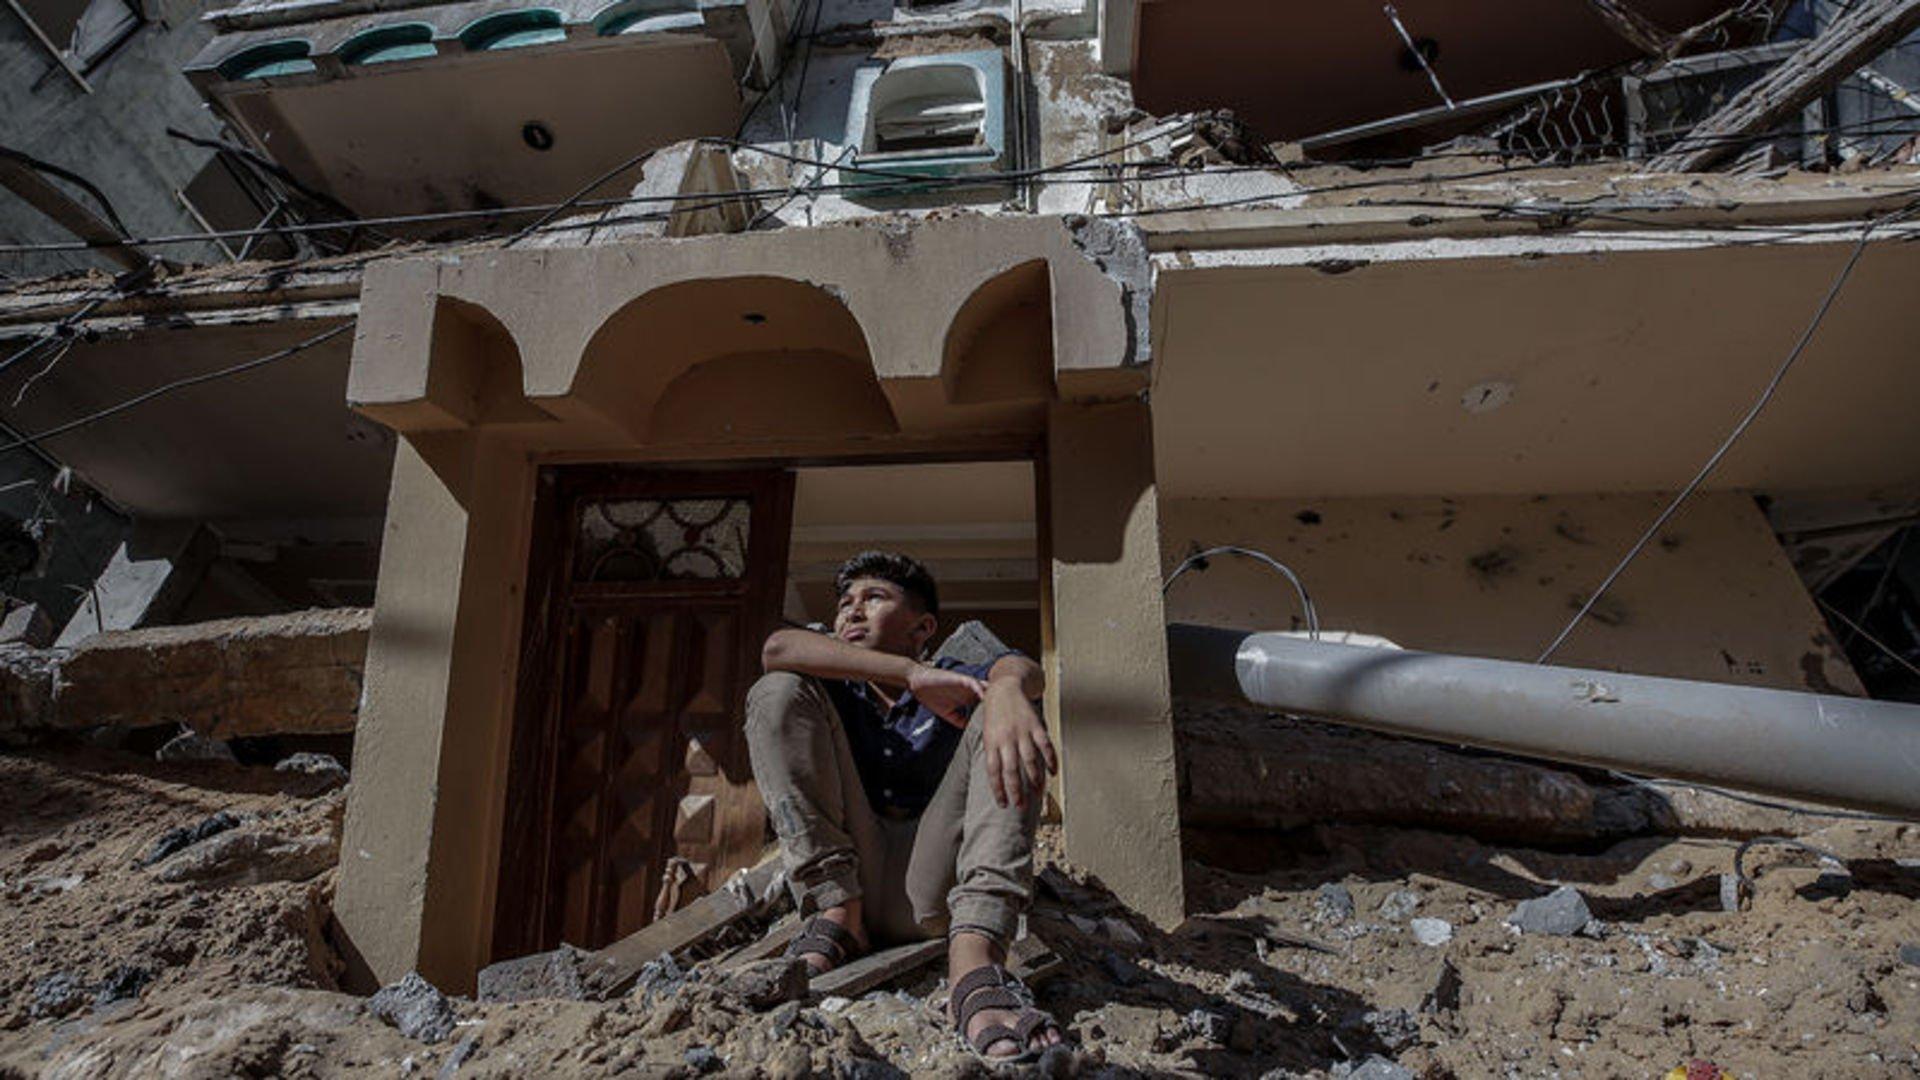 UTANÇ! Son dakika: İsrail'in Filistin'e saldırılarına dünya sessiz kaldı